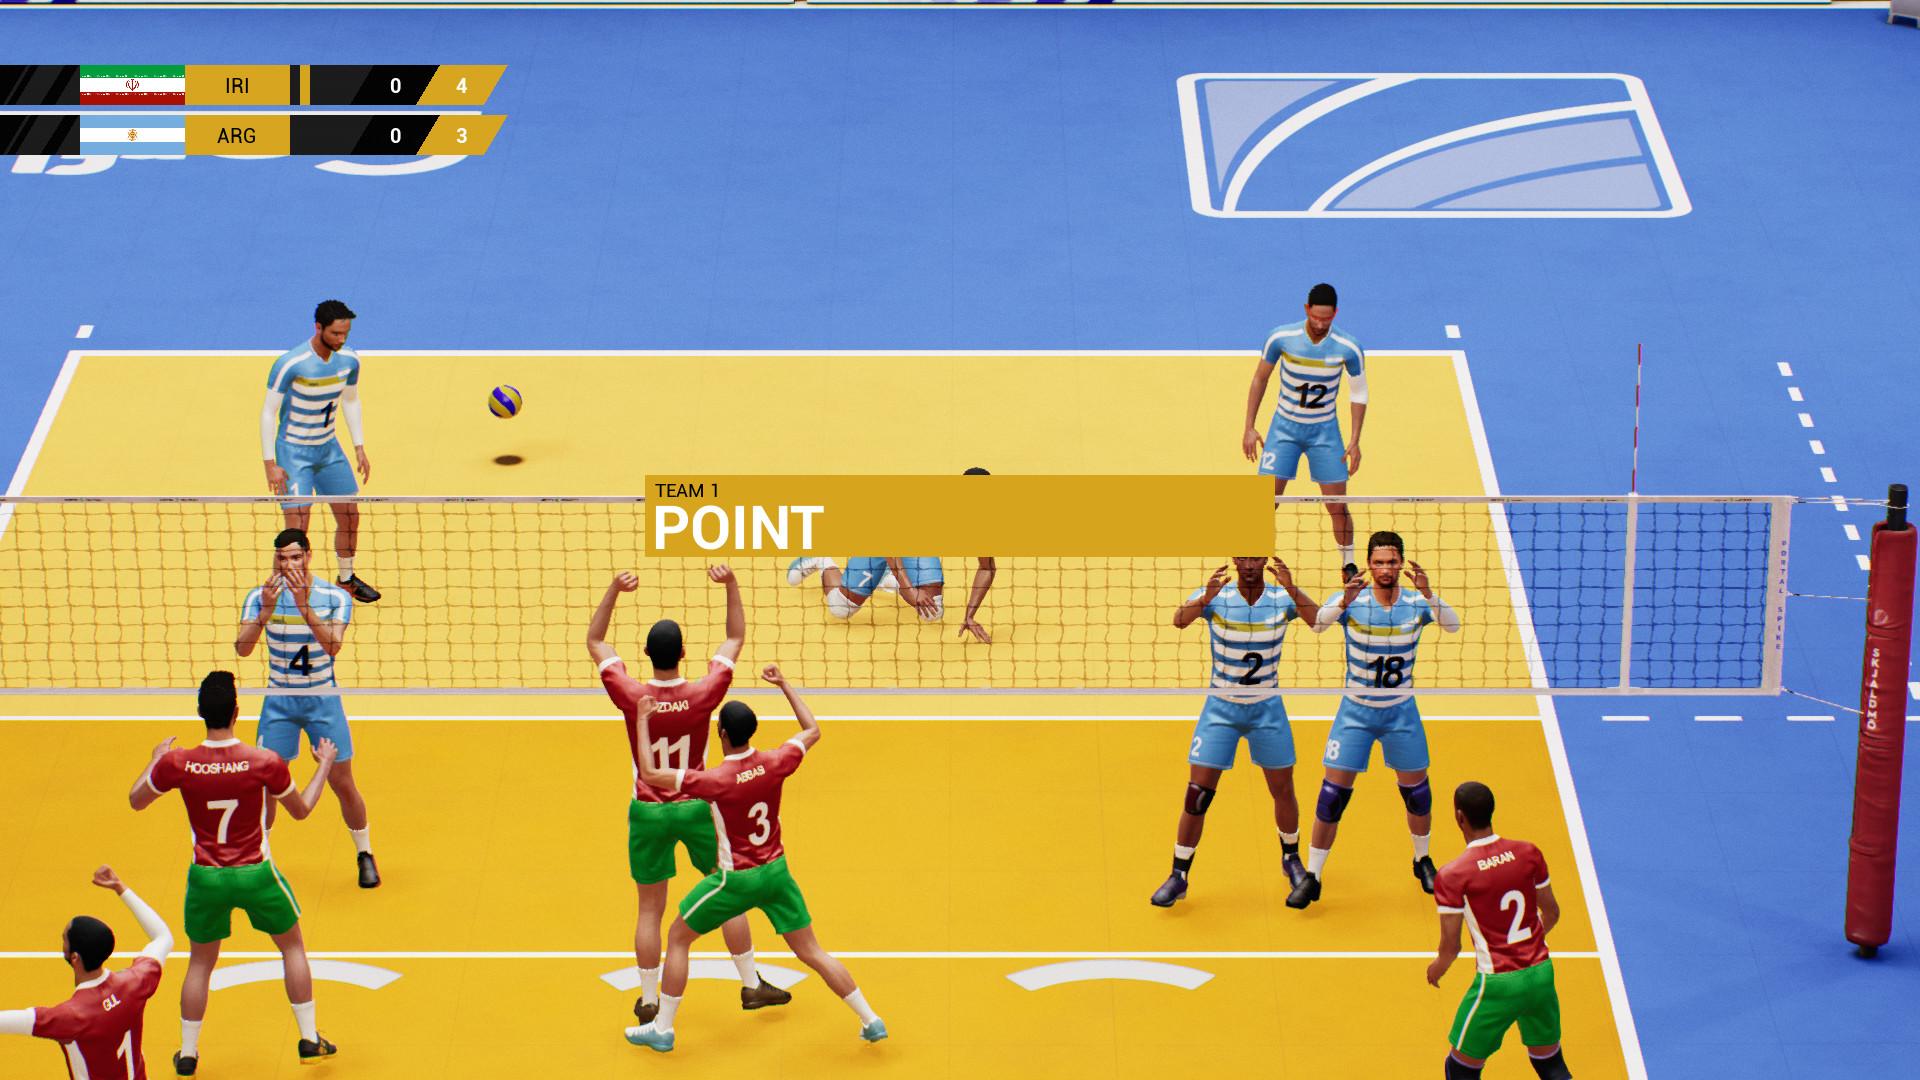 Spike Volleyball screenshot